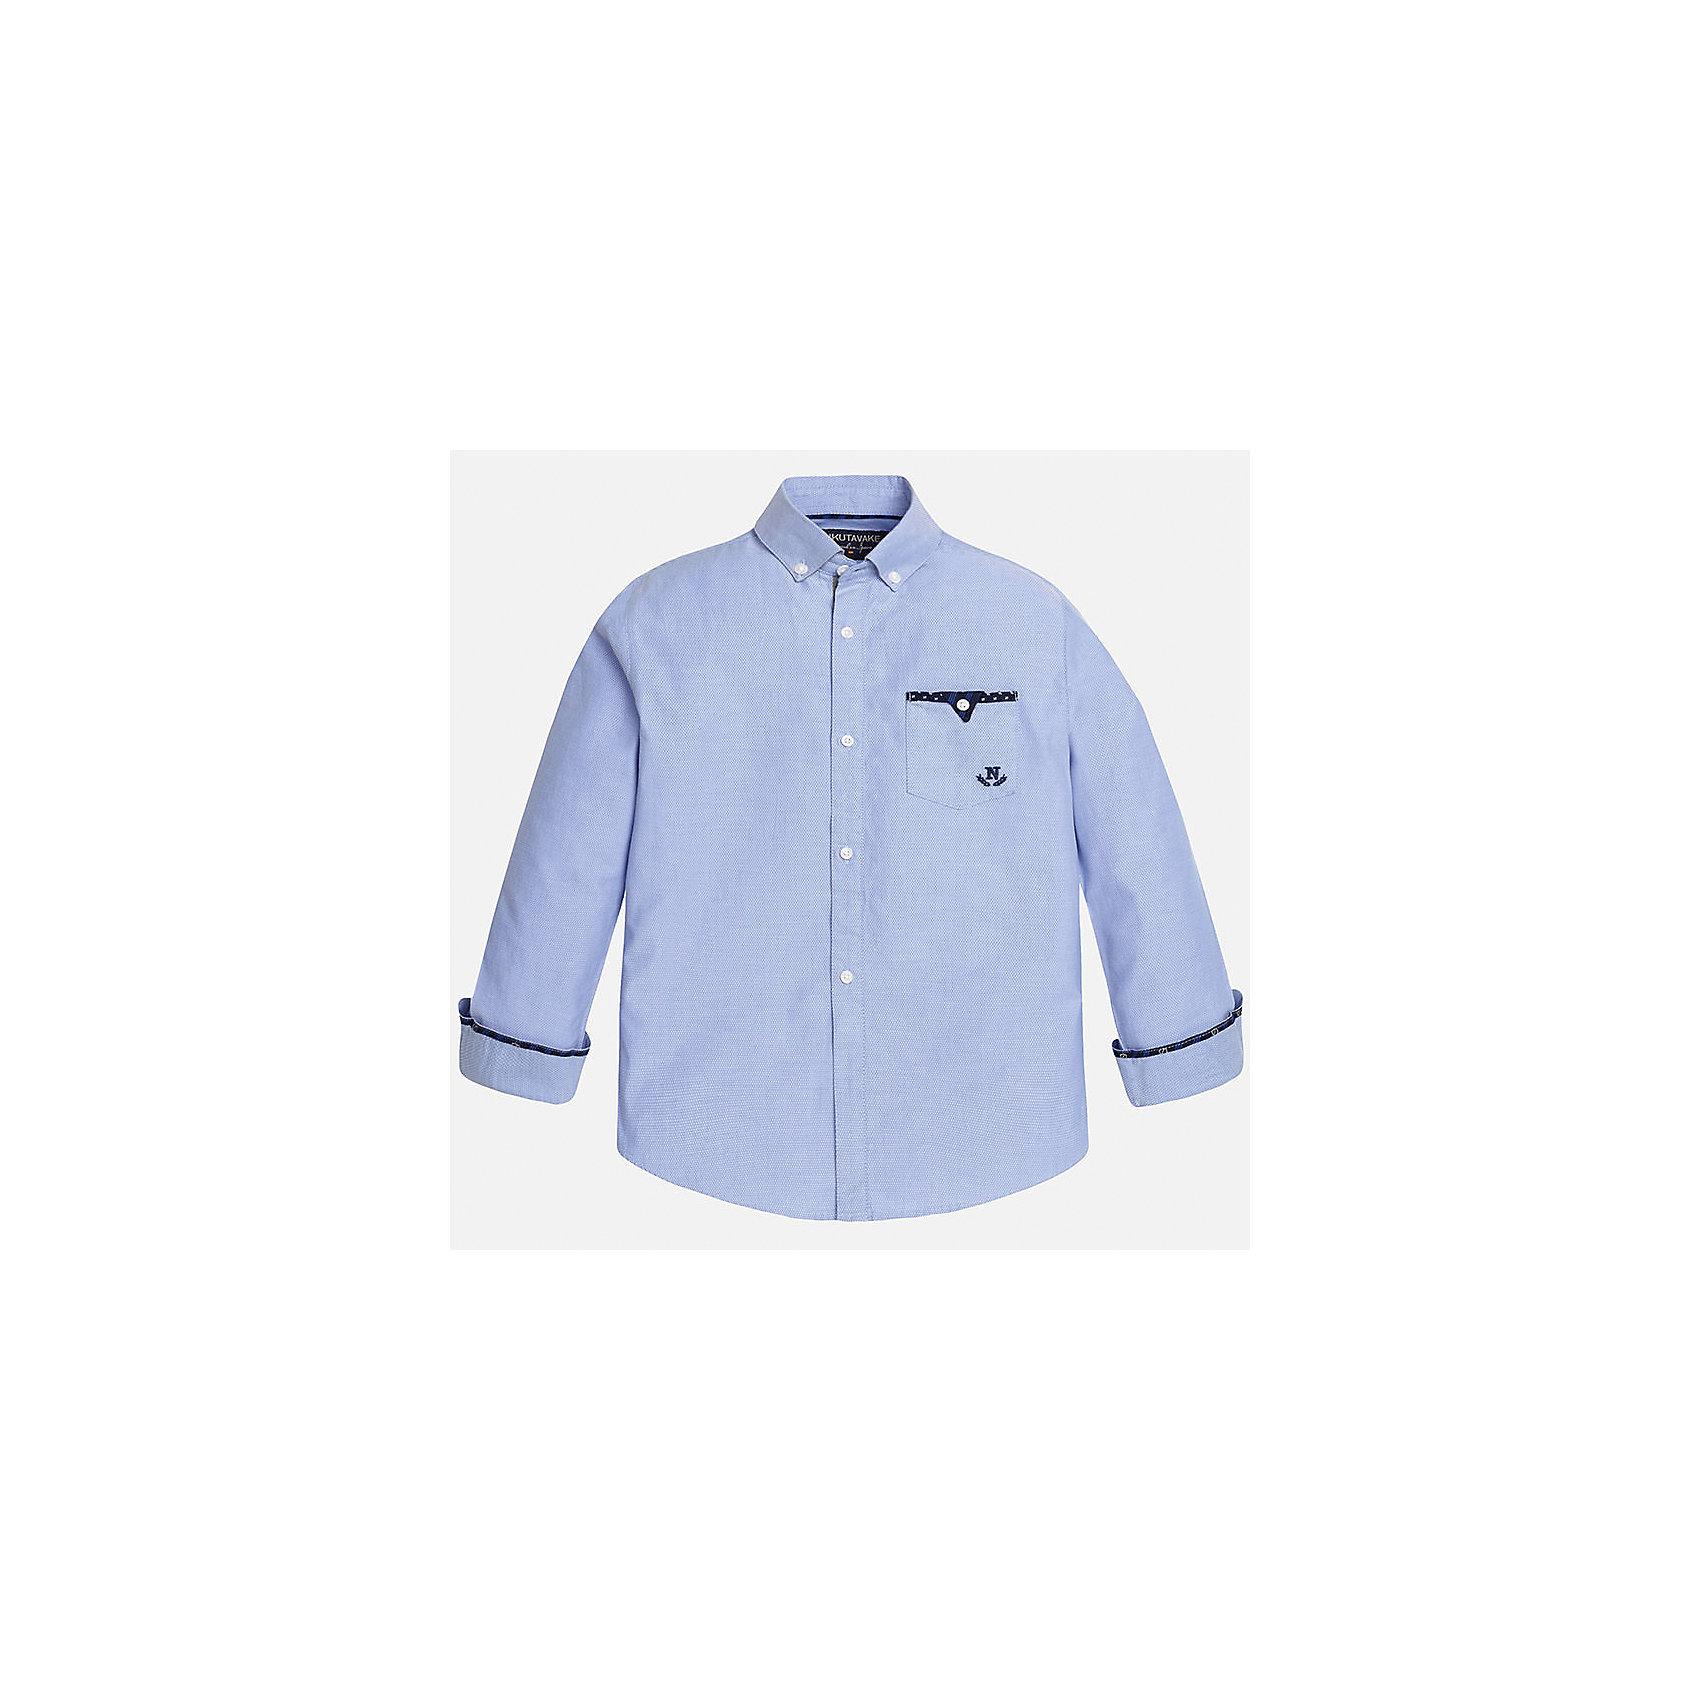 Рубашка для мальчика MayoralРубашка для мальчика из коллекции осень-зима 2016-2017 известного испанского бренда Mayoral (Майорал). Стильная и удобная рубашка на каждый день. Приятный пастельно-голубой цвет рубашки прекрасно сочетается с темно-синими деталями и пестрыми заплатами на локтях. Рубашка застегивается на пуговицы с дизайном, а качественный дизайн манжетов при подвороте придет по вкусу вашему ребенку. Рубашка отлично подойдет как к брюкам, так и к джинсам кроме того, ее можно носить поверх футболки.<br><br>Дополнительная информация:<br><br>- Рукав: длинный<br>- Силуэт: прямой<br>Состав: 100% хлопок<br><br>Рубашку для мальчиков Mayoral (Майорал) можно купить в нашем интернет-магазине.<br><br>Подробнее:<br>• Для детей в возрасте: от 10 до 16 лет<br>• Номер товара: 4826878<br>Страна производитель: Индия<br><br>Ширина мм: 174<br>Глубина мм: 10<br>Высота мм: 169<br>Вес г: 157<br>Цвет: голубой<br>Возраст от месяцев: 96<br>Возраст до месяцев: 108<br>Пол: Мужской<br>Возраст: Детский<br>Размер: 128/134,146/152,164/170,158/164,152/158,140/146<br>SKU: 4826877